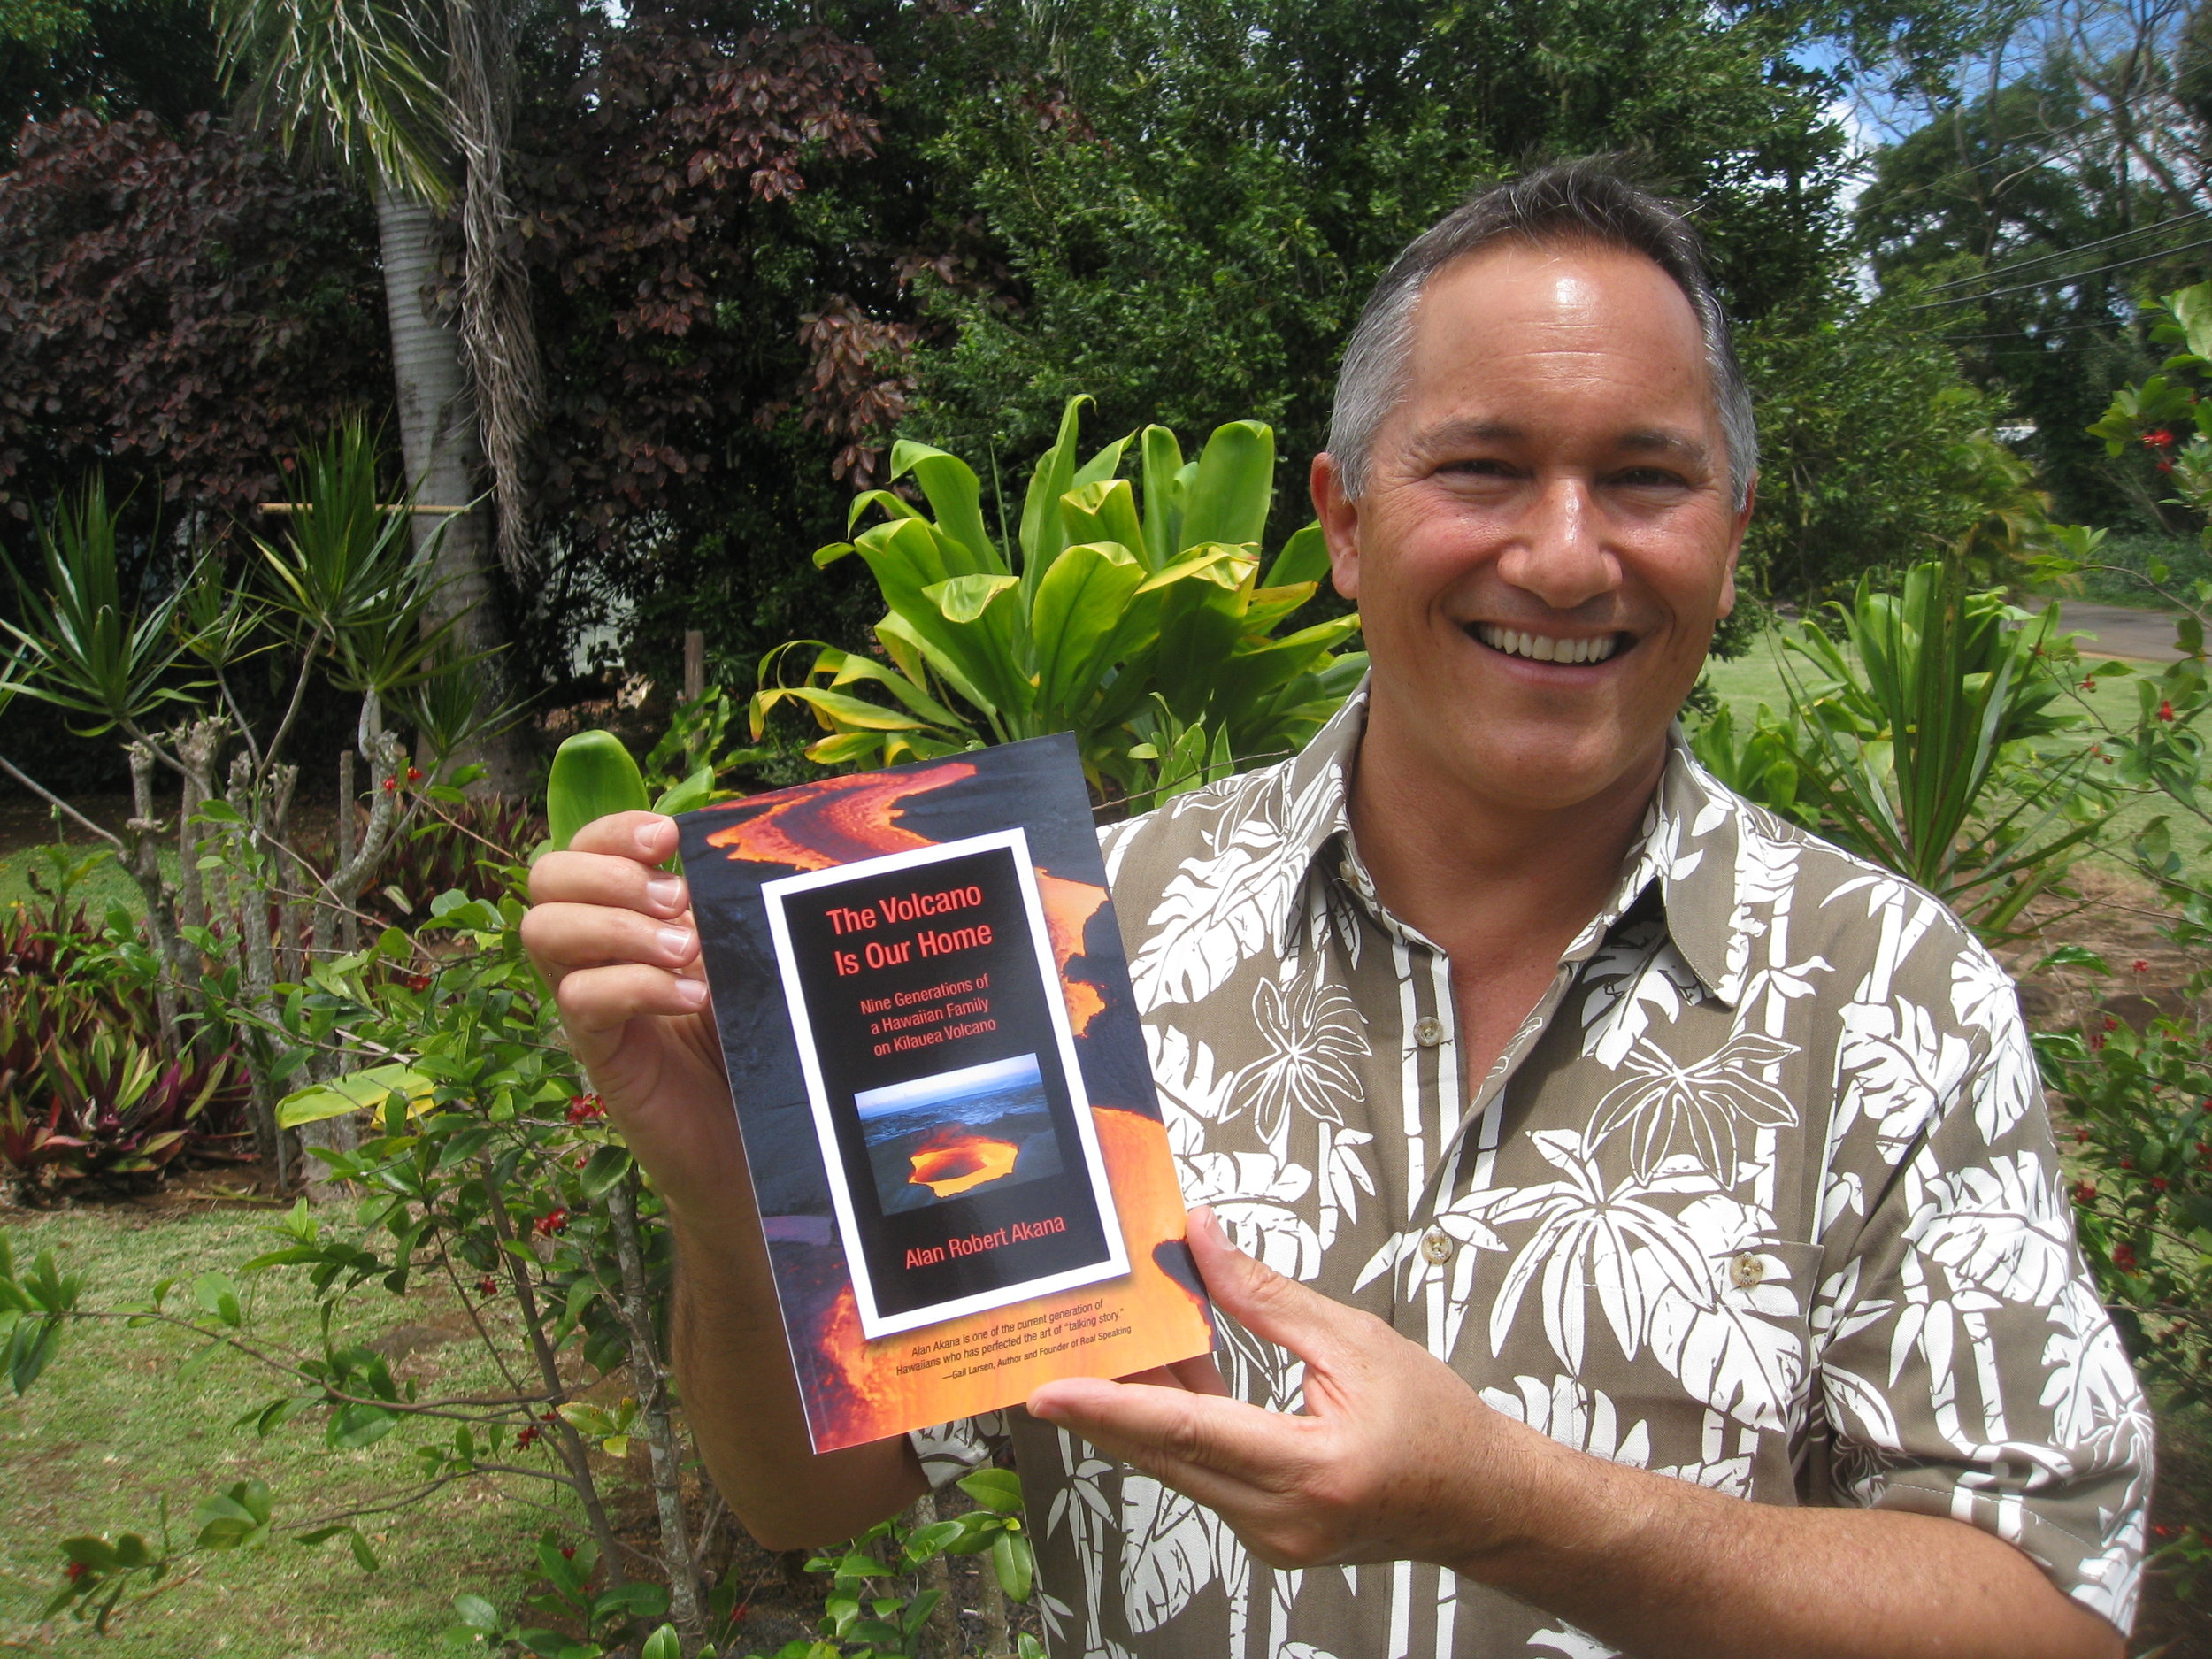 IMG_Alan and book 2.jpg